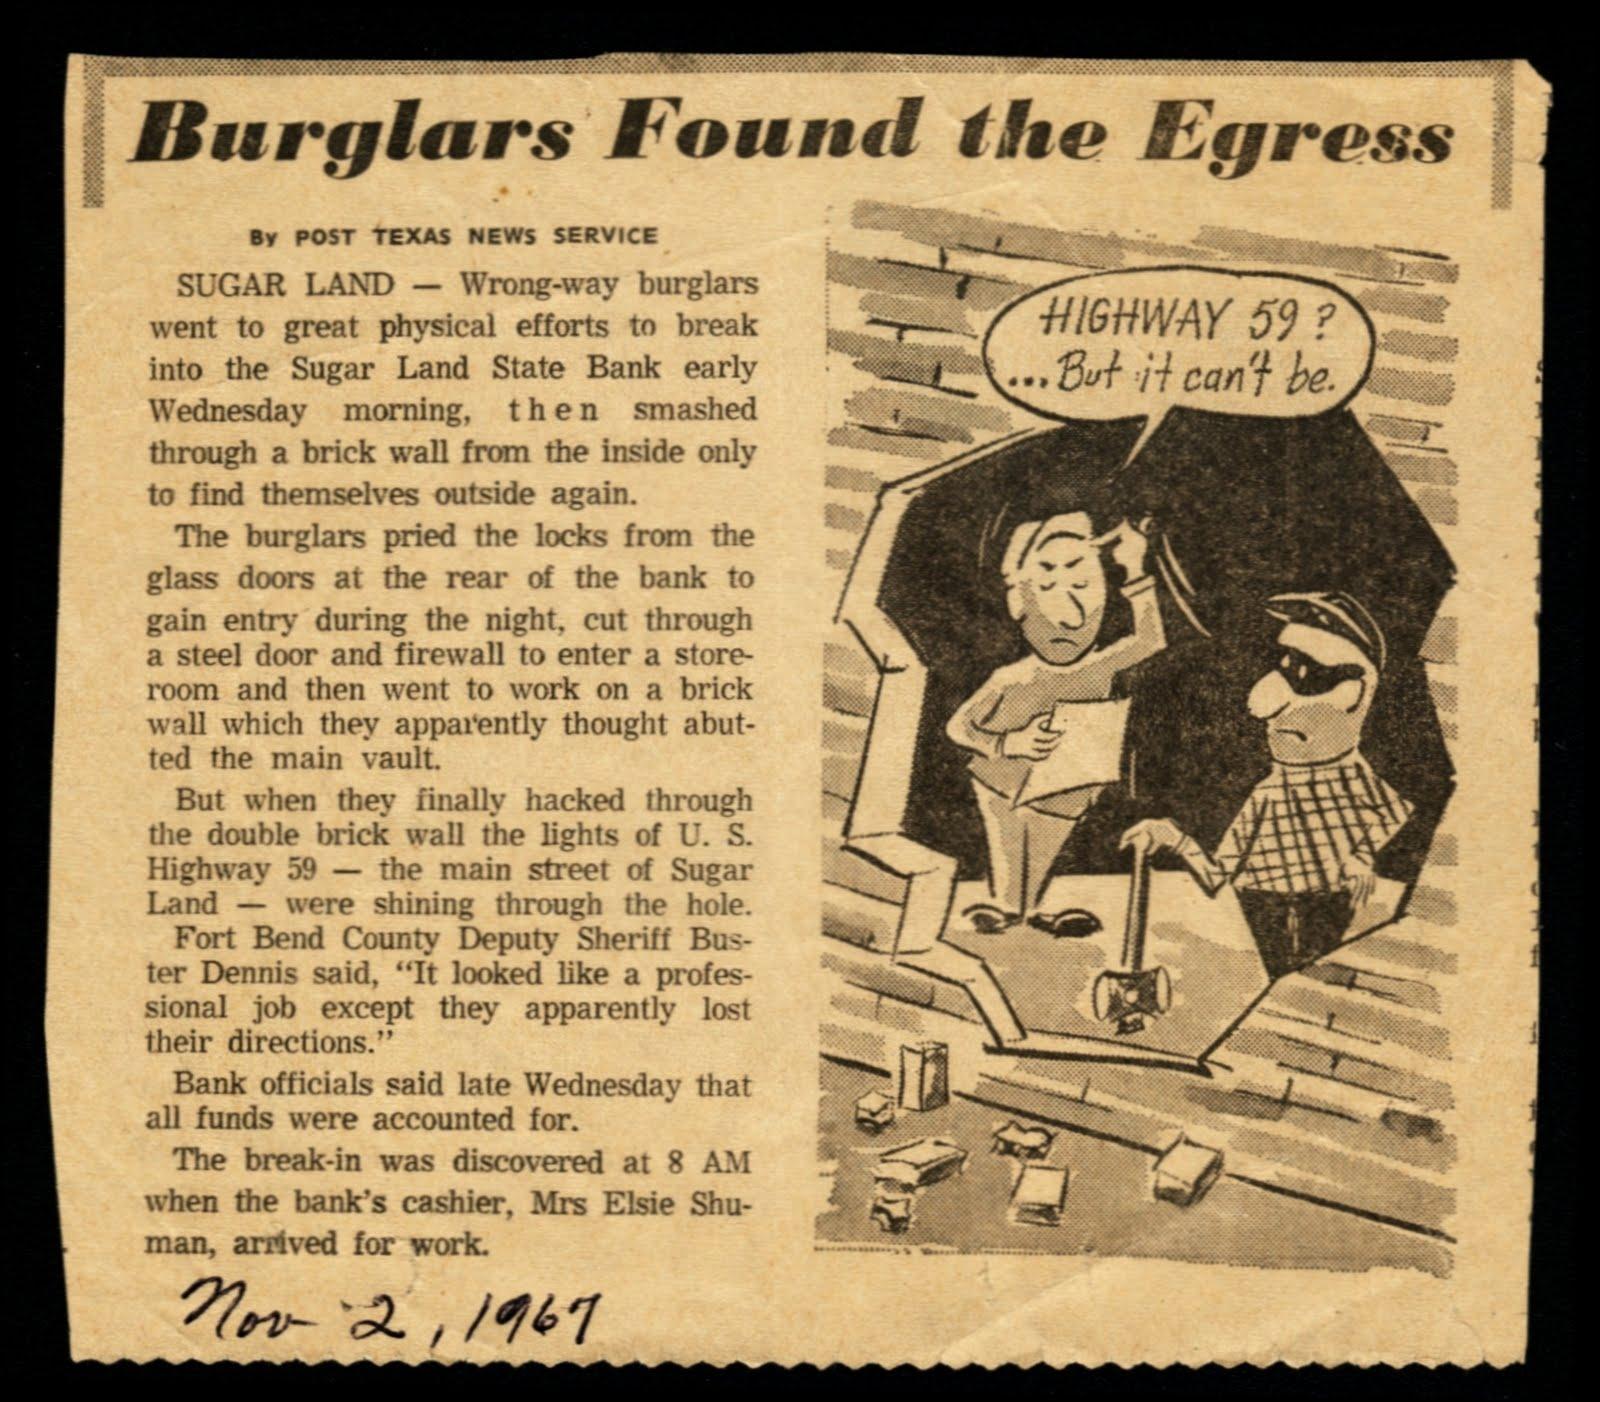 http://4.bp.blogspot.com/-kXx56TD1Y-4/Ti4HIiPp76I/AAAAAAAADTI/JvOlCBBLigg/s1600/post_article_sl_bank_burlary_1967.jpg